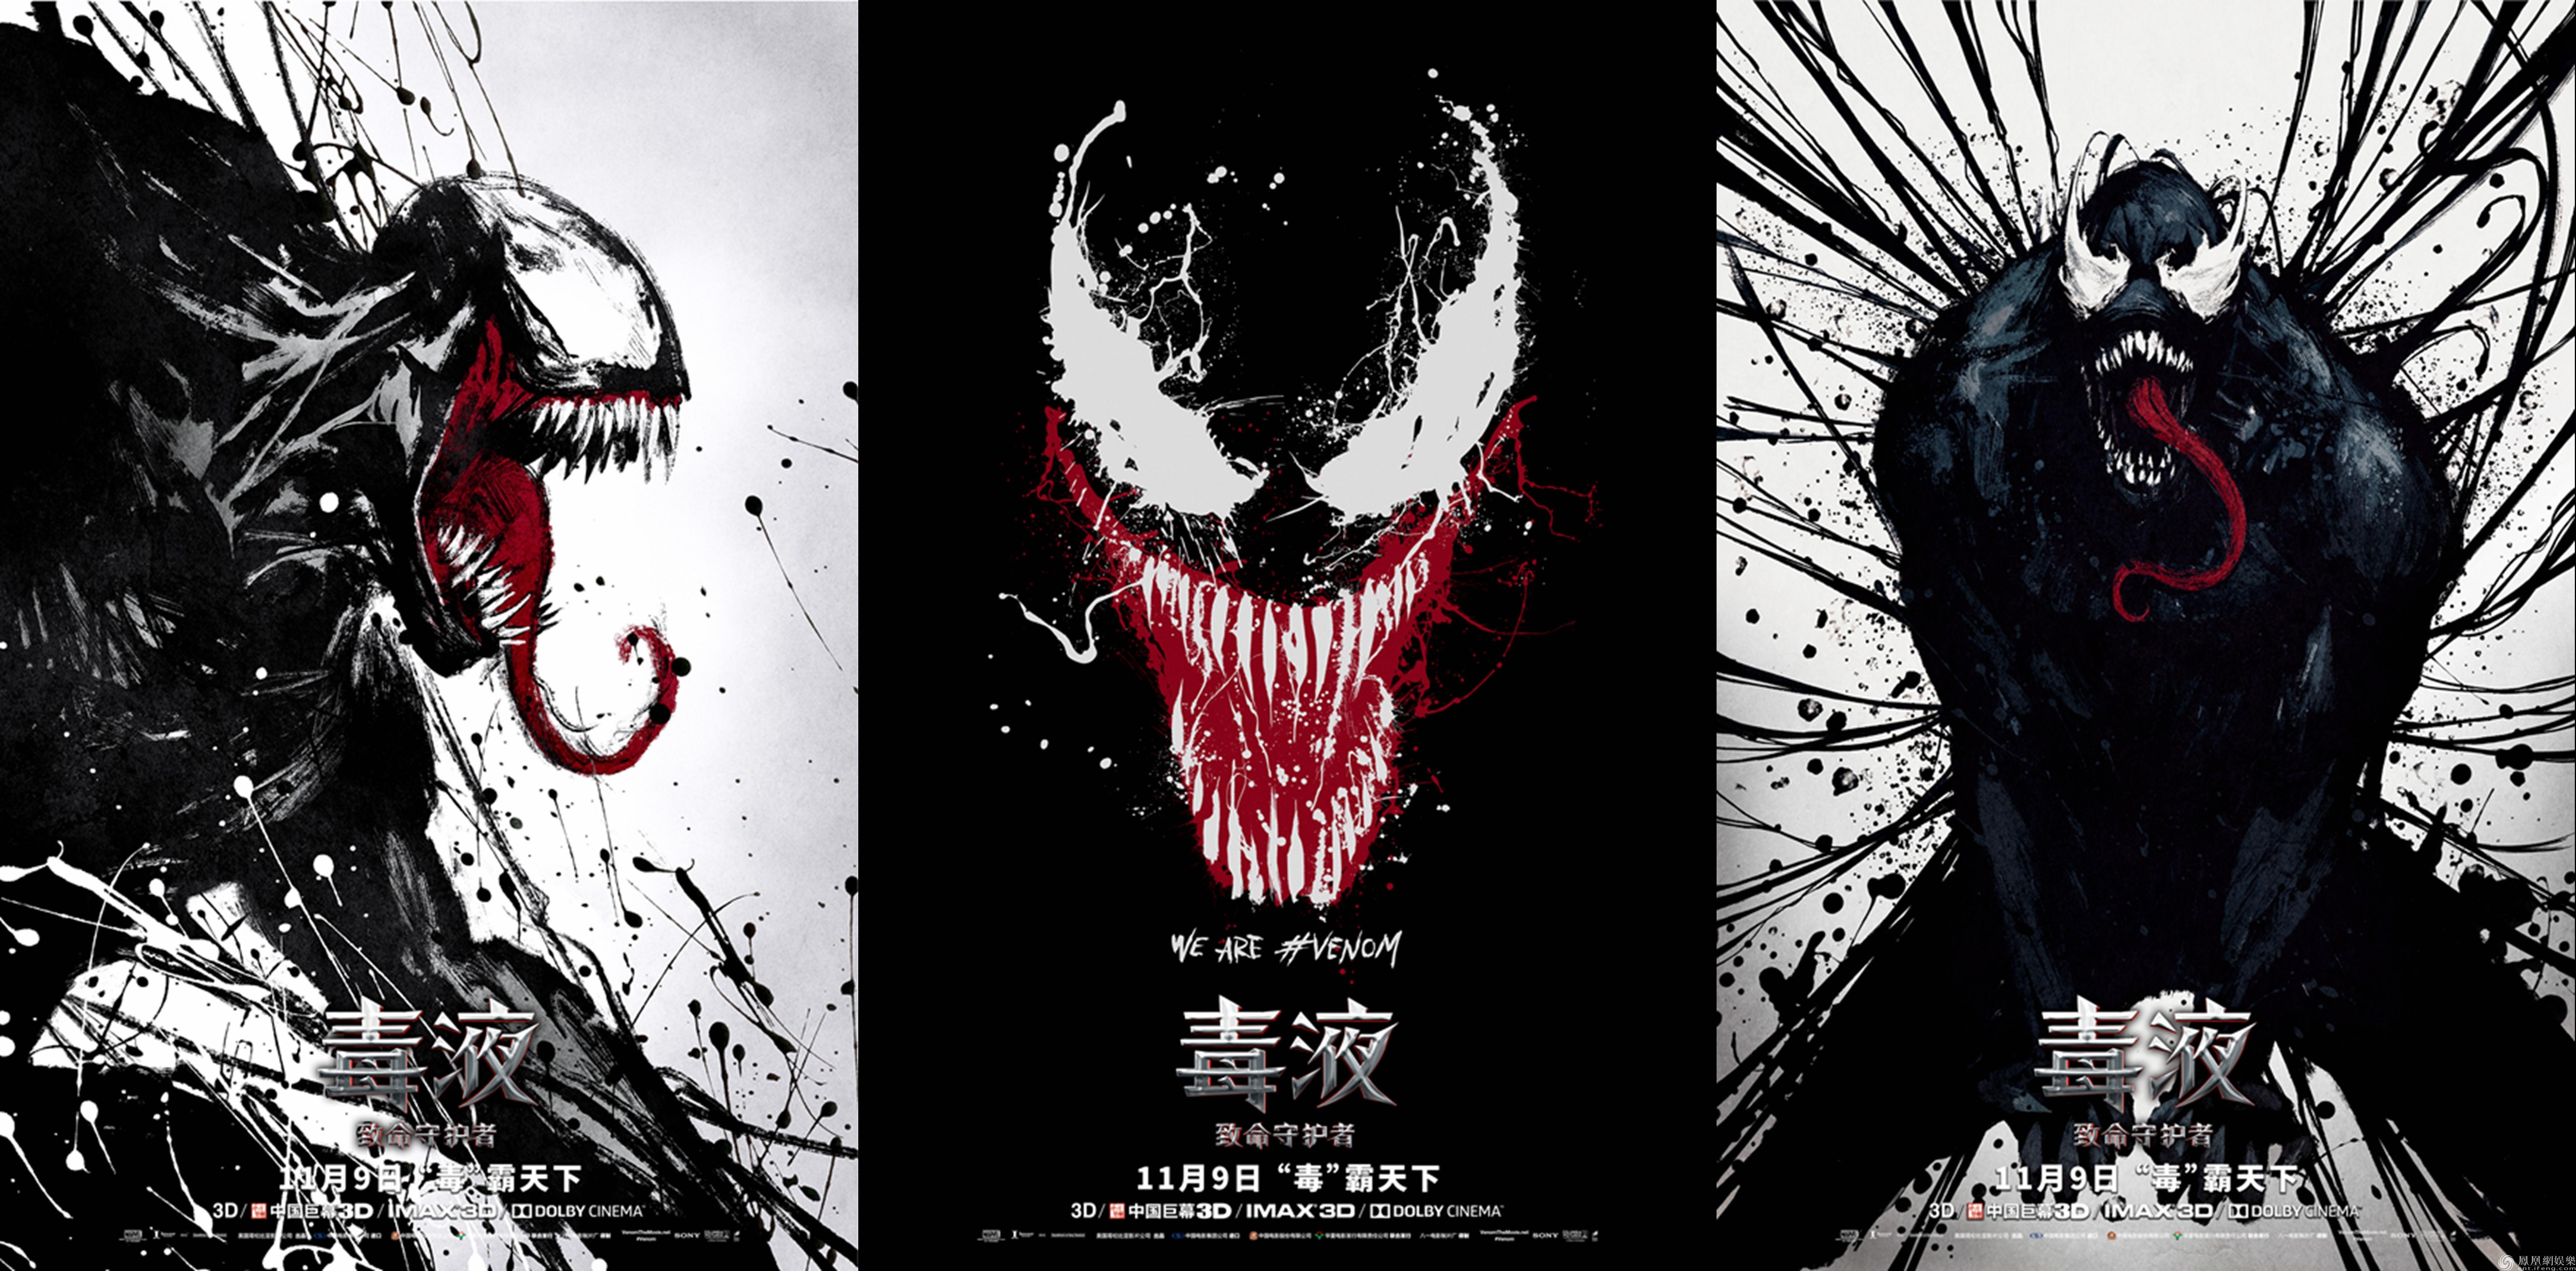 電影《毒液》發布藝術海報 風格化還原毒液炫酷形象